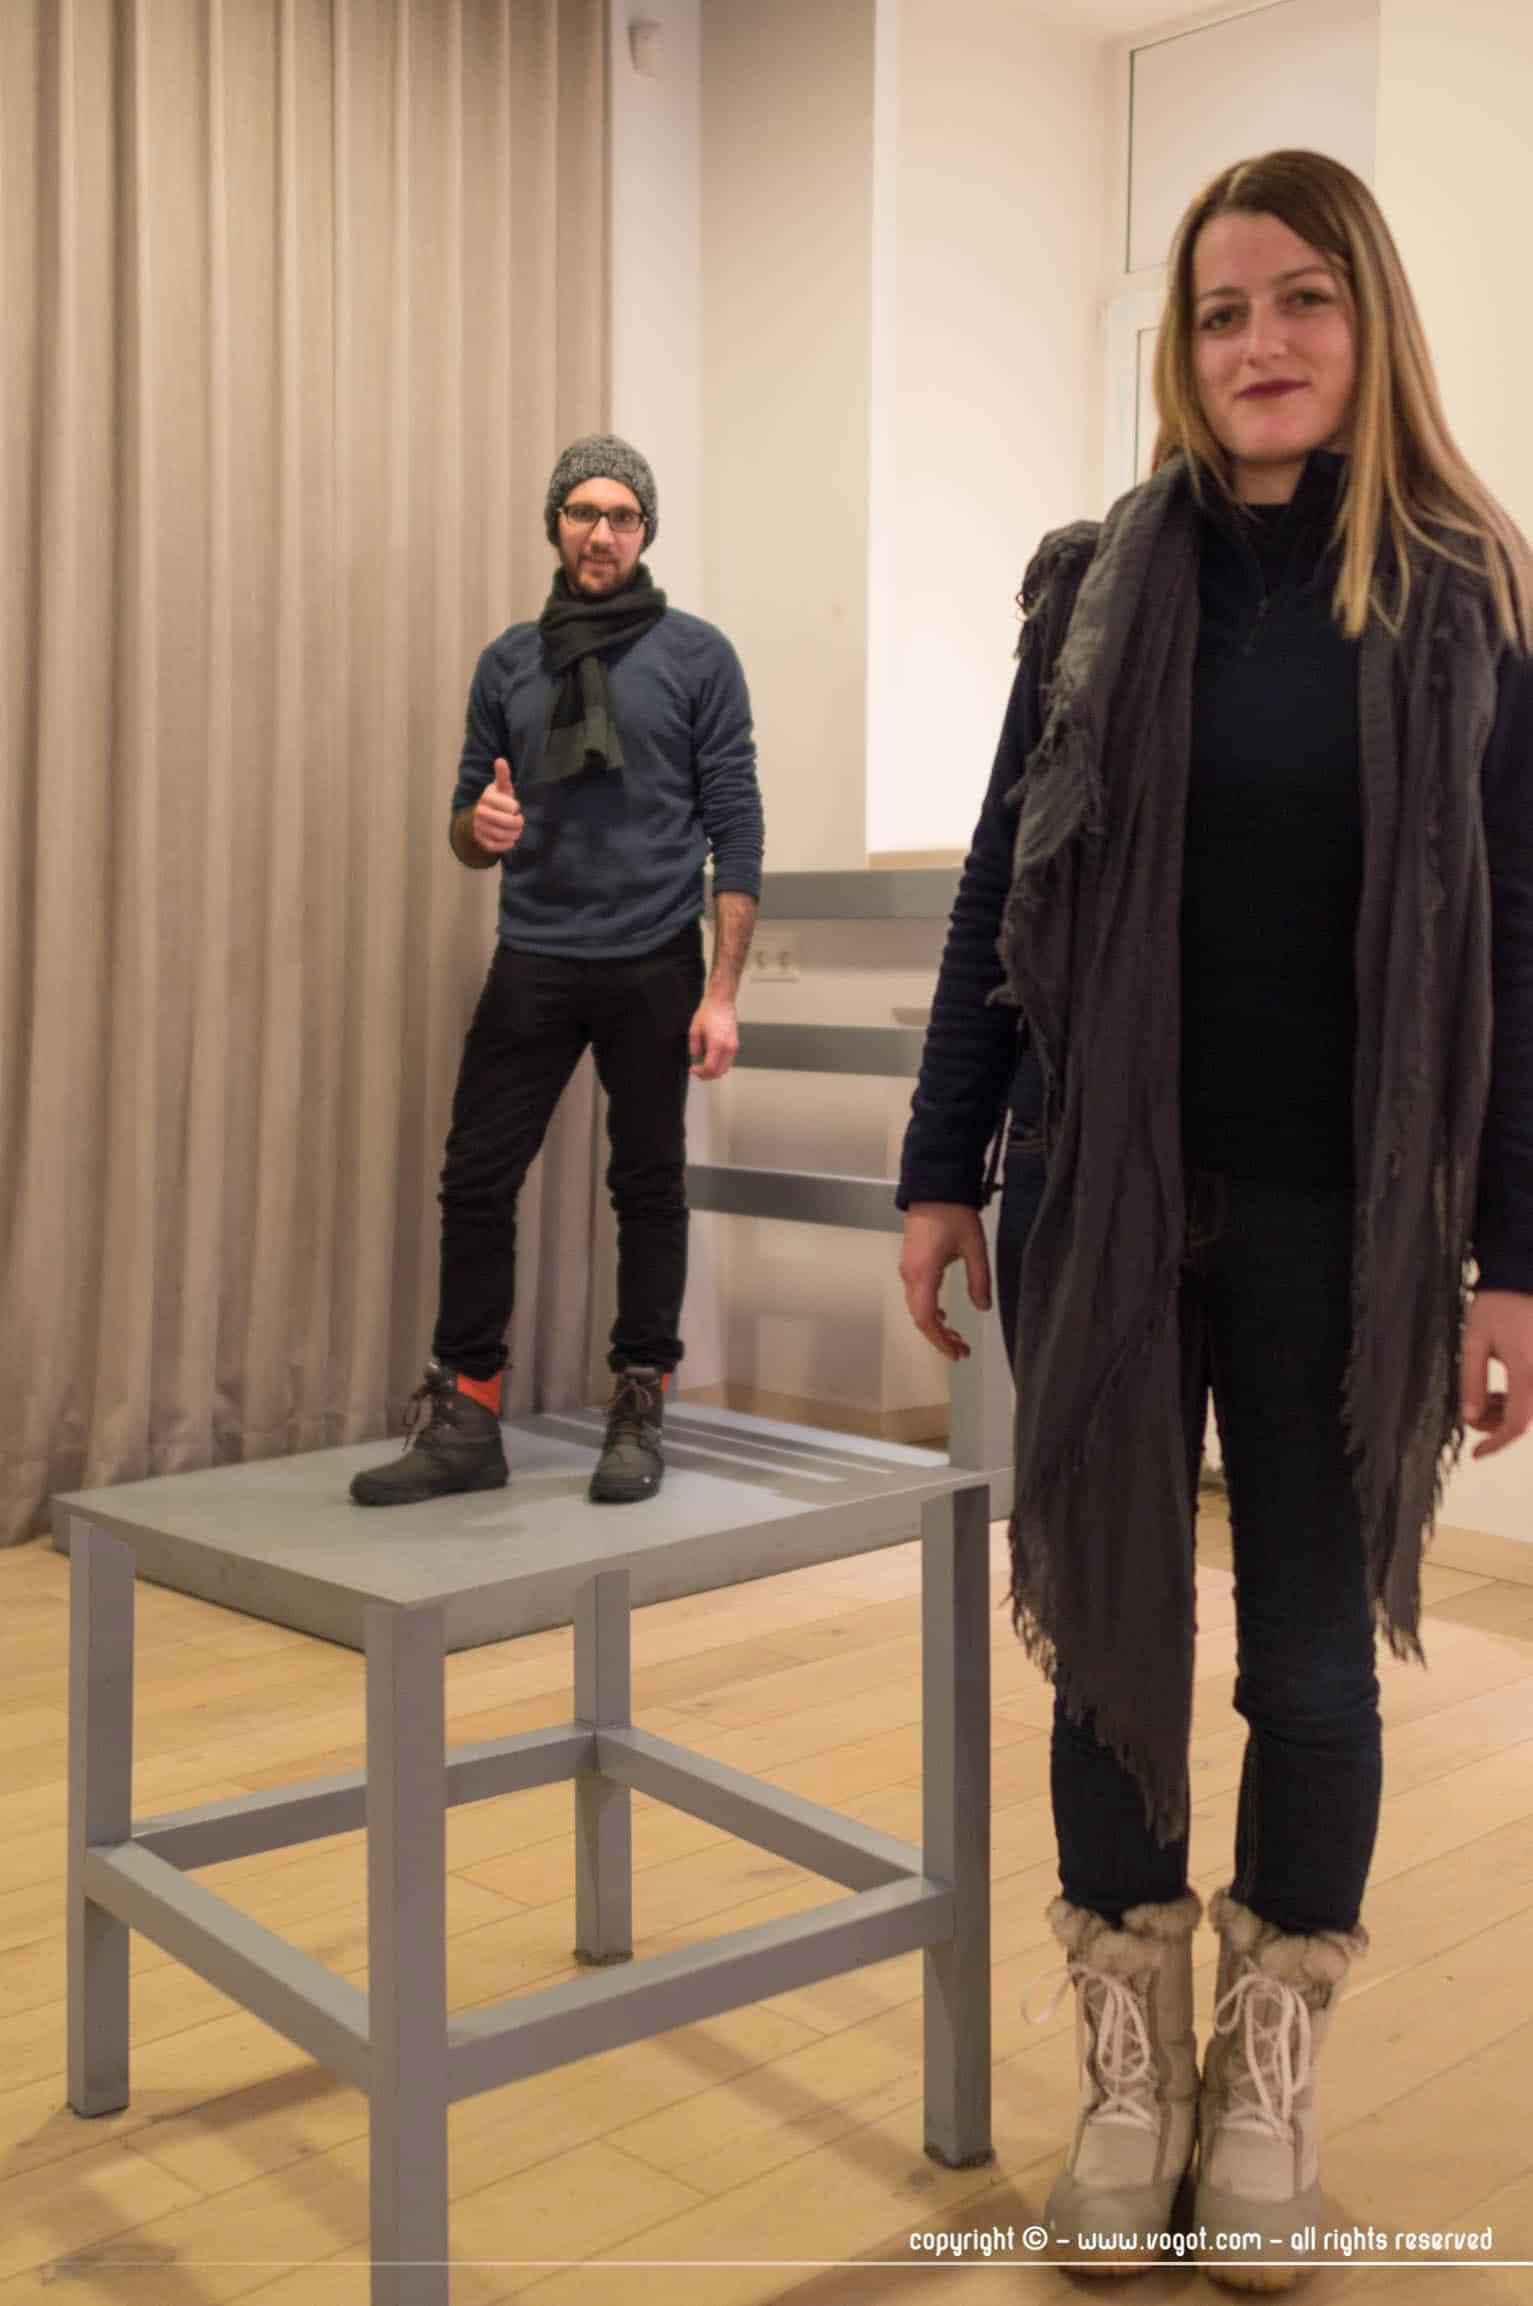 une semaine à Vilnius - Musée des illusions